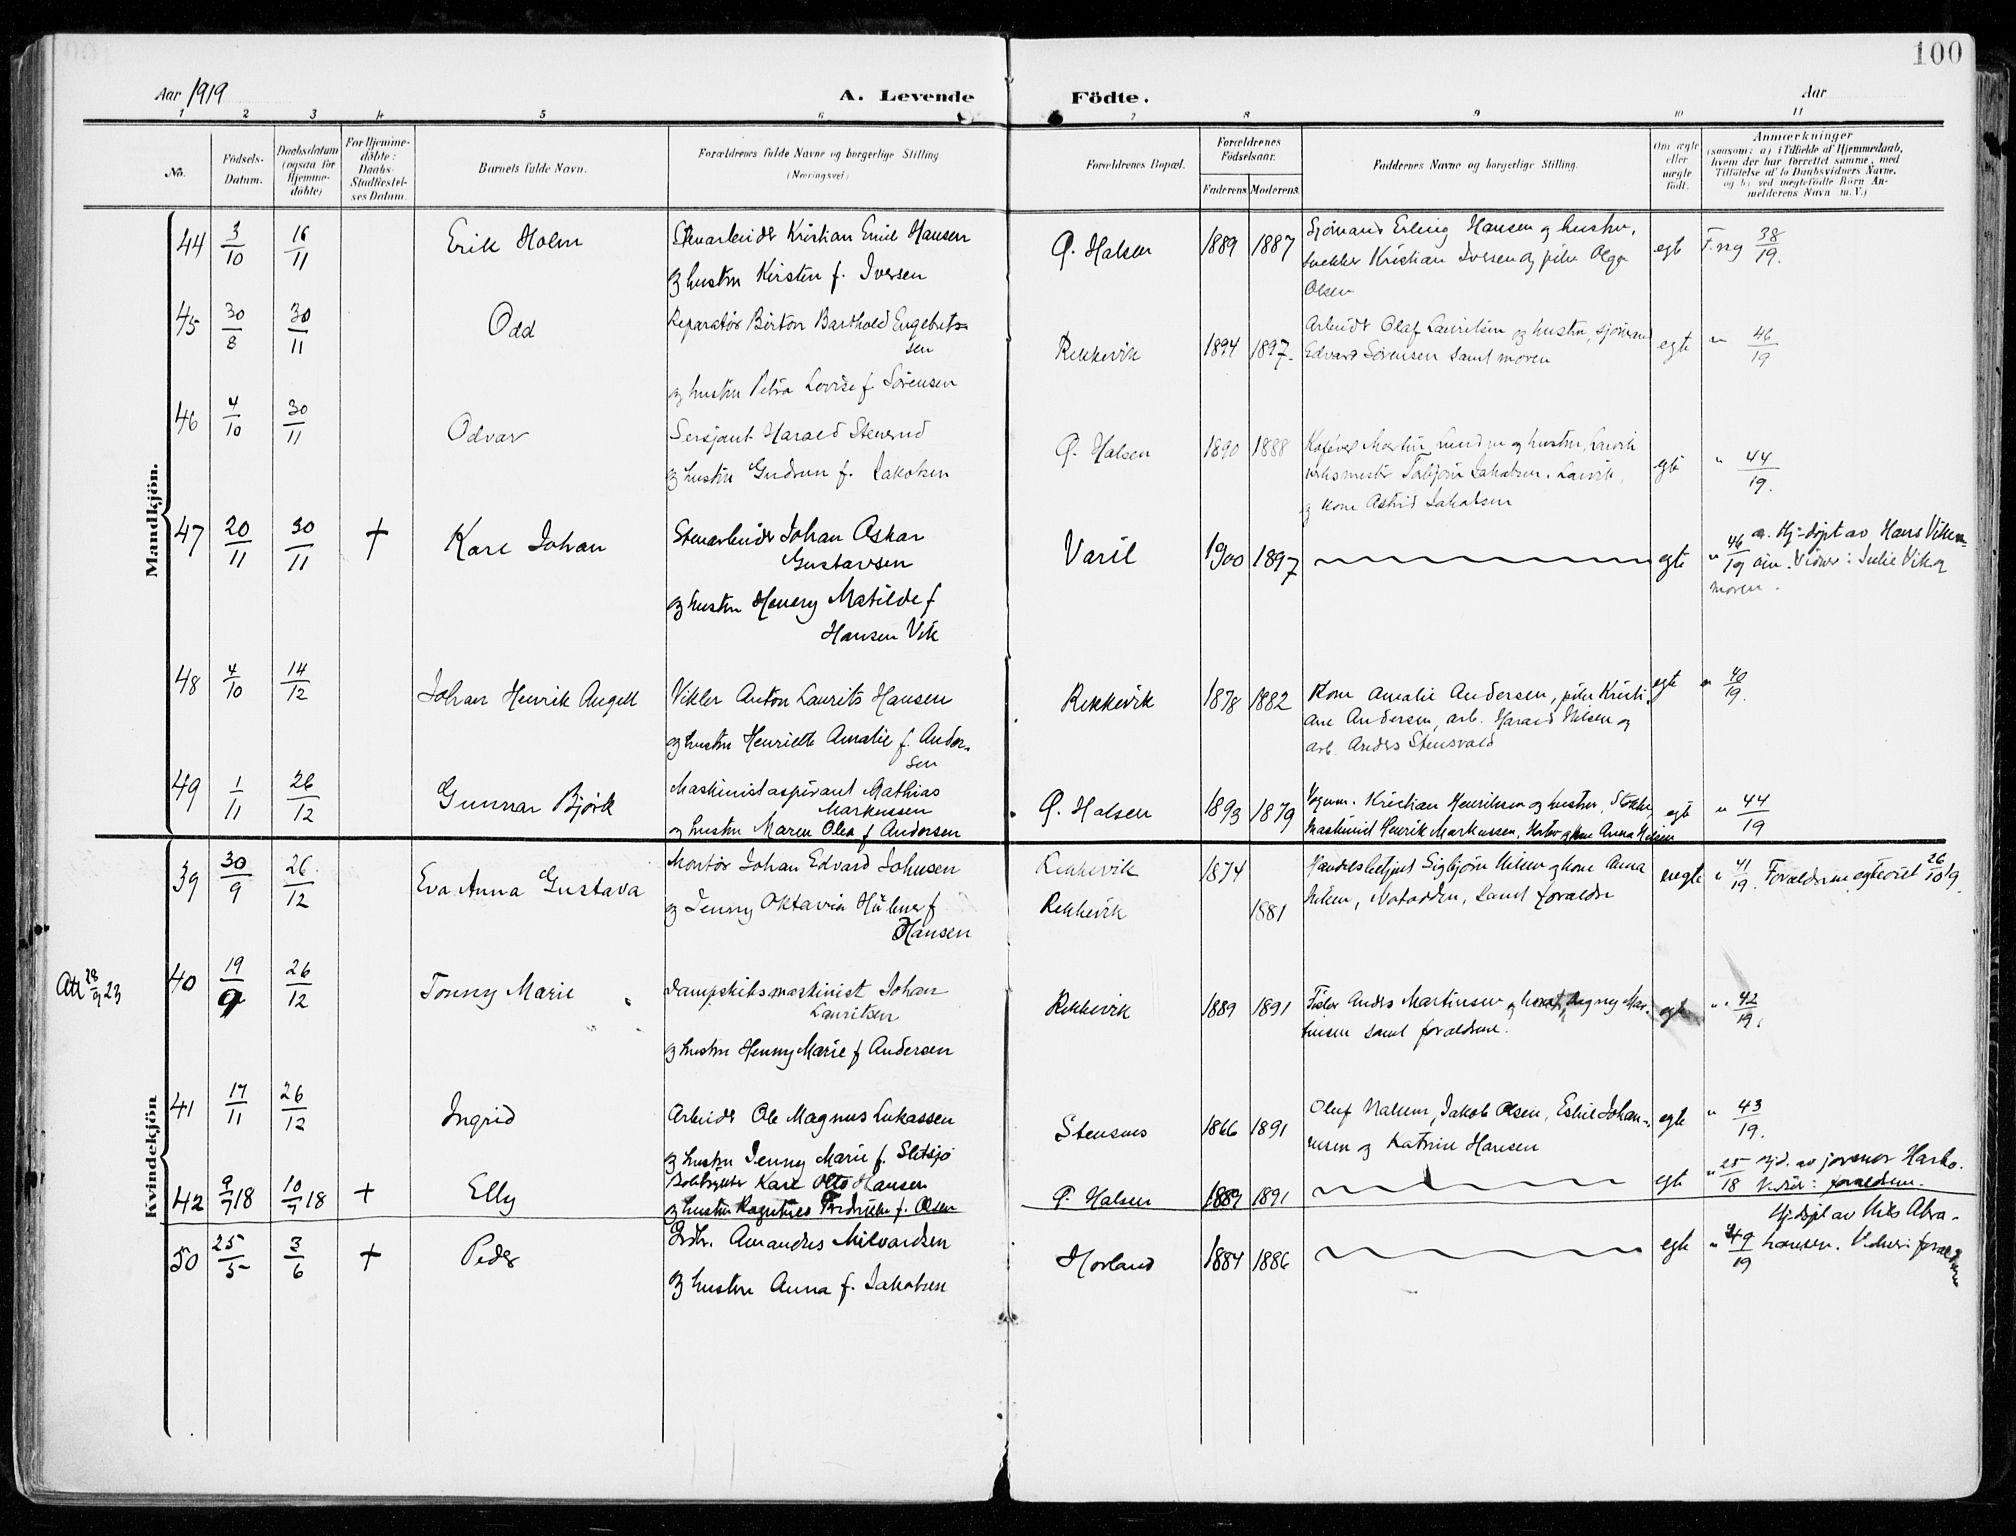 SAKO, Tjølling kirkebøker, F/Fa/L0010: Ministerialbok nr. 10, 1906-1923, s. 100